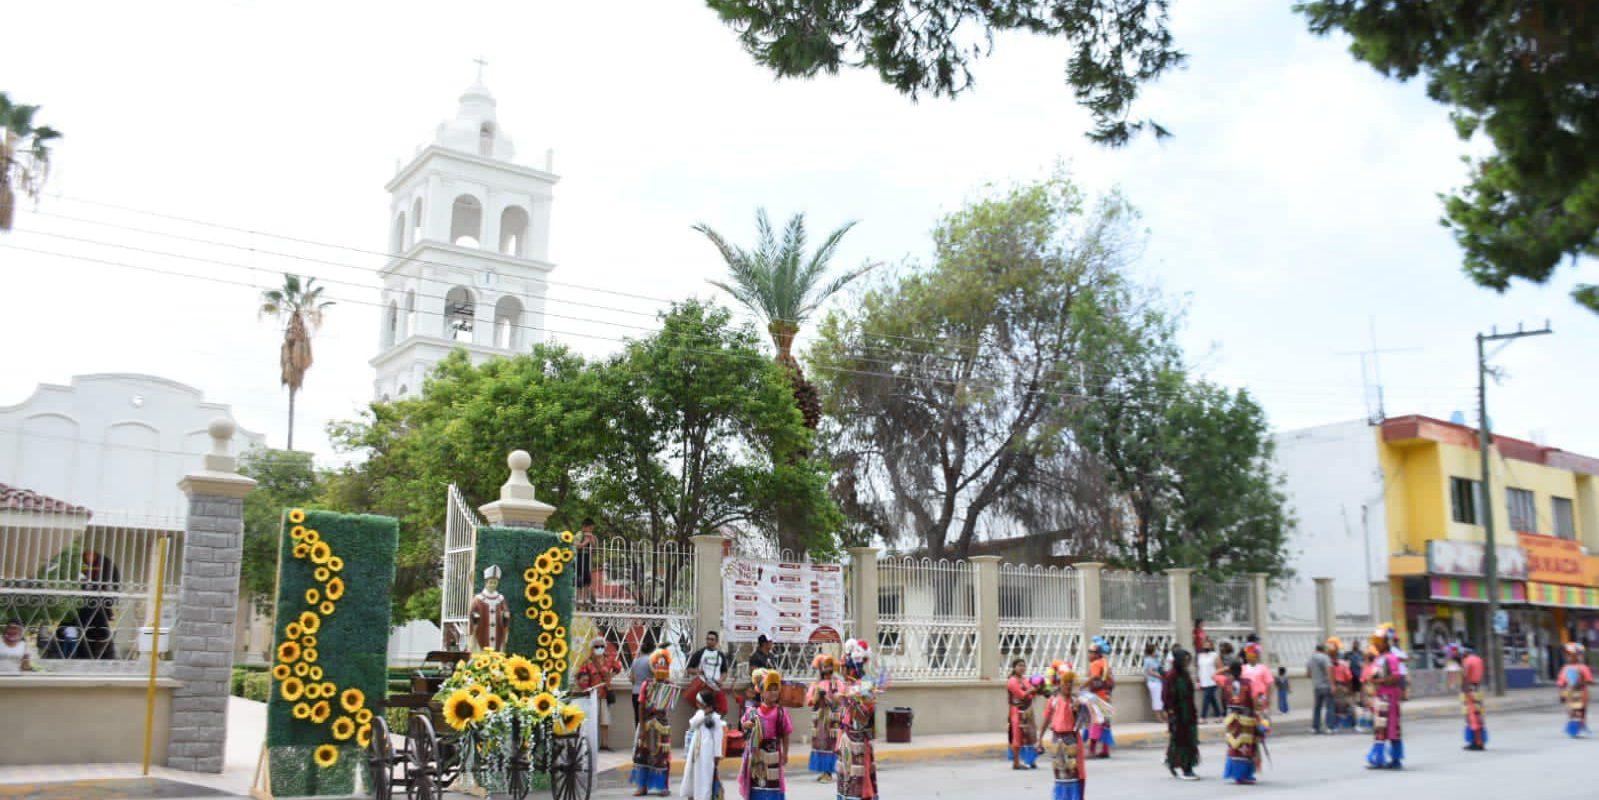 Con misa y mañanitas celebran al Santo Patrono San Buenaventura